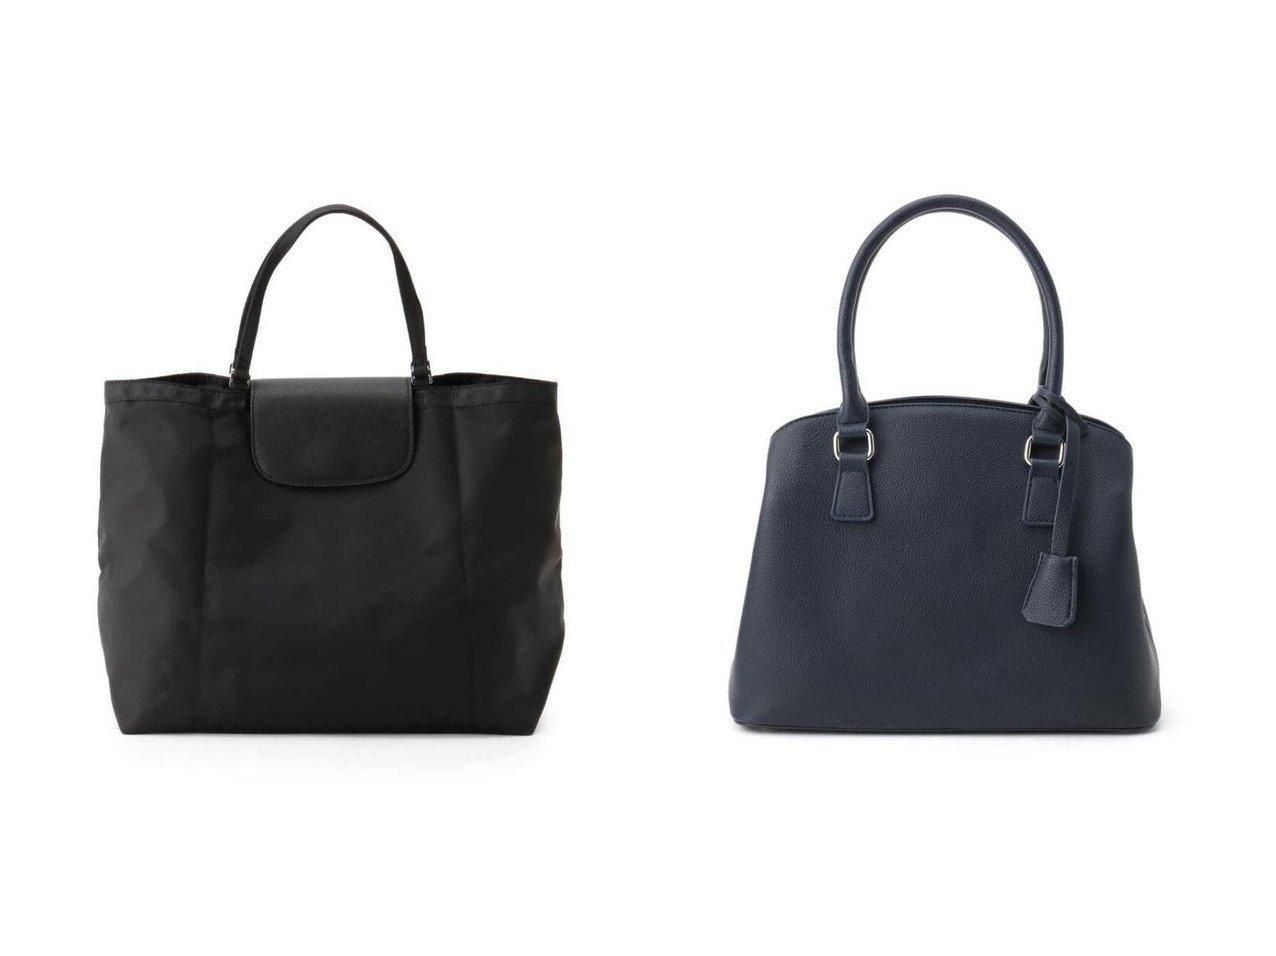 【Reflect/リフレクト】の【フォーマル/入卒】折りたたみサブバッグ&【フォーマル/入卒】セレモニートートバッグ バッグ・鞄のおすすめ!人気、トレンド・レディースファッションの通販  おすすめで人気の流行・トレンド、ファッションの通販商品 メンズファッション・キッズファッション・インテリア・家具・レディースファッション・服の通販 founy(ファニー) https://founy.com/ ファッション Fashion レディースファッション WOMEN バッグ Bag コンパクト フォーマル |ID:crp329100000009920